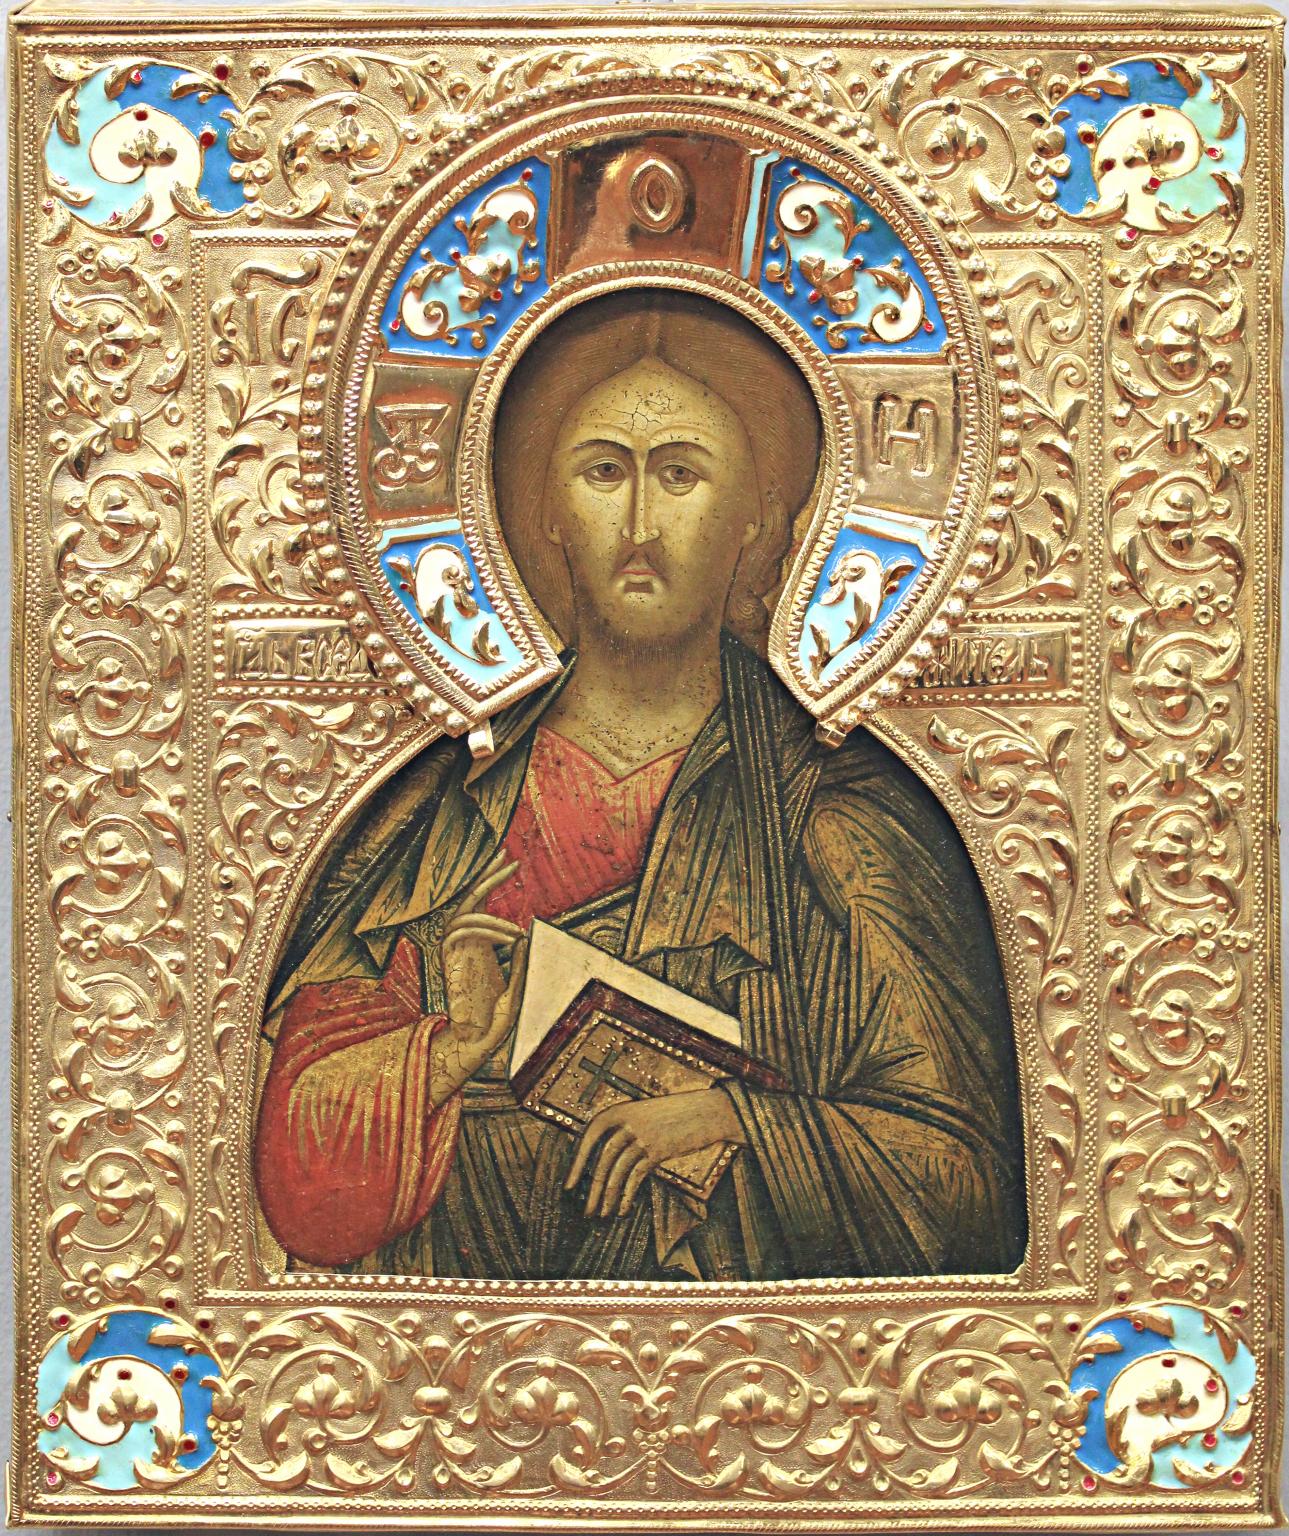 Cristo Pantocratore, icone russe antiche, icone da collezione